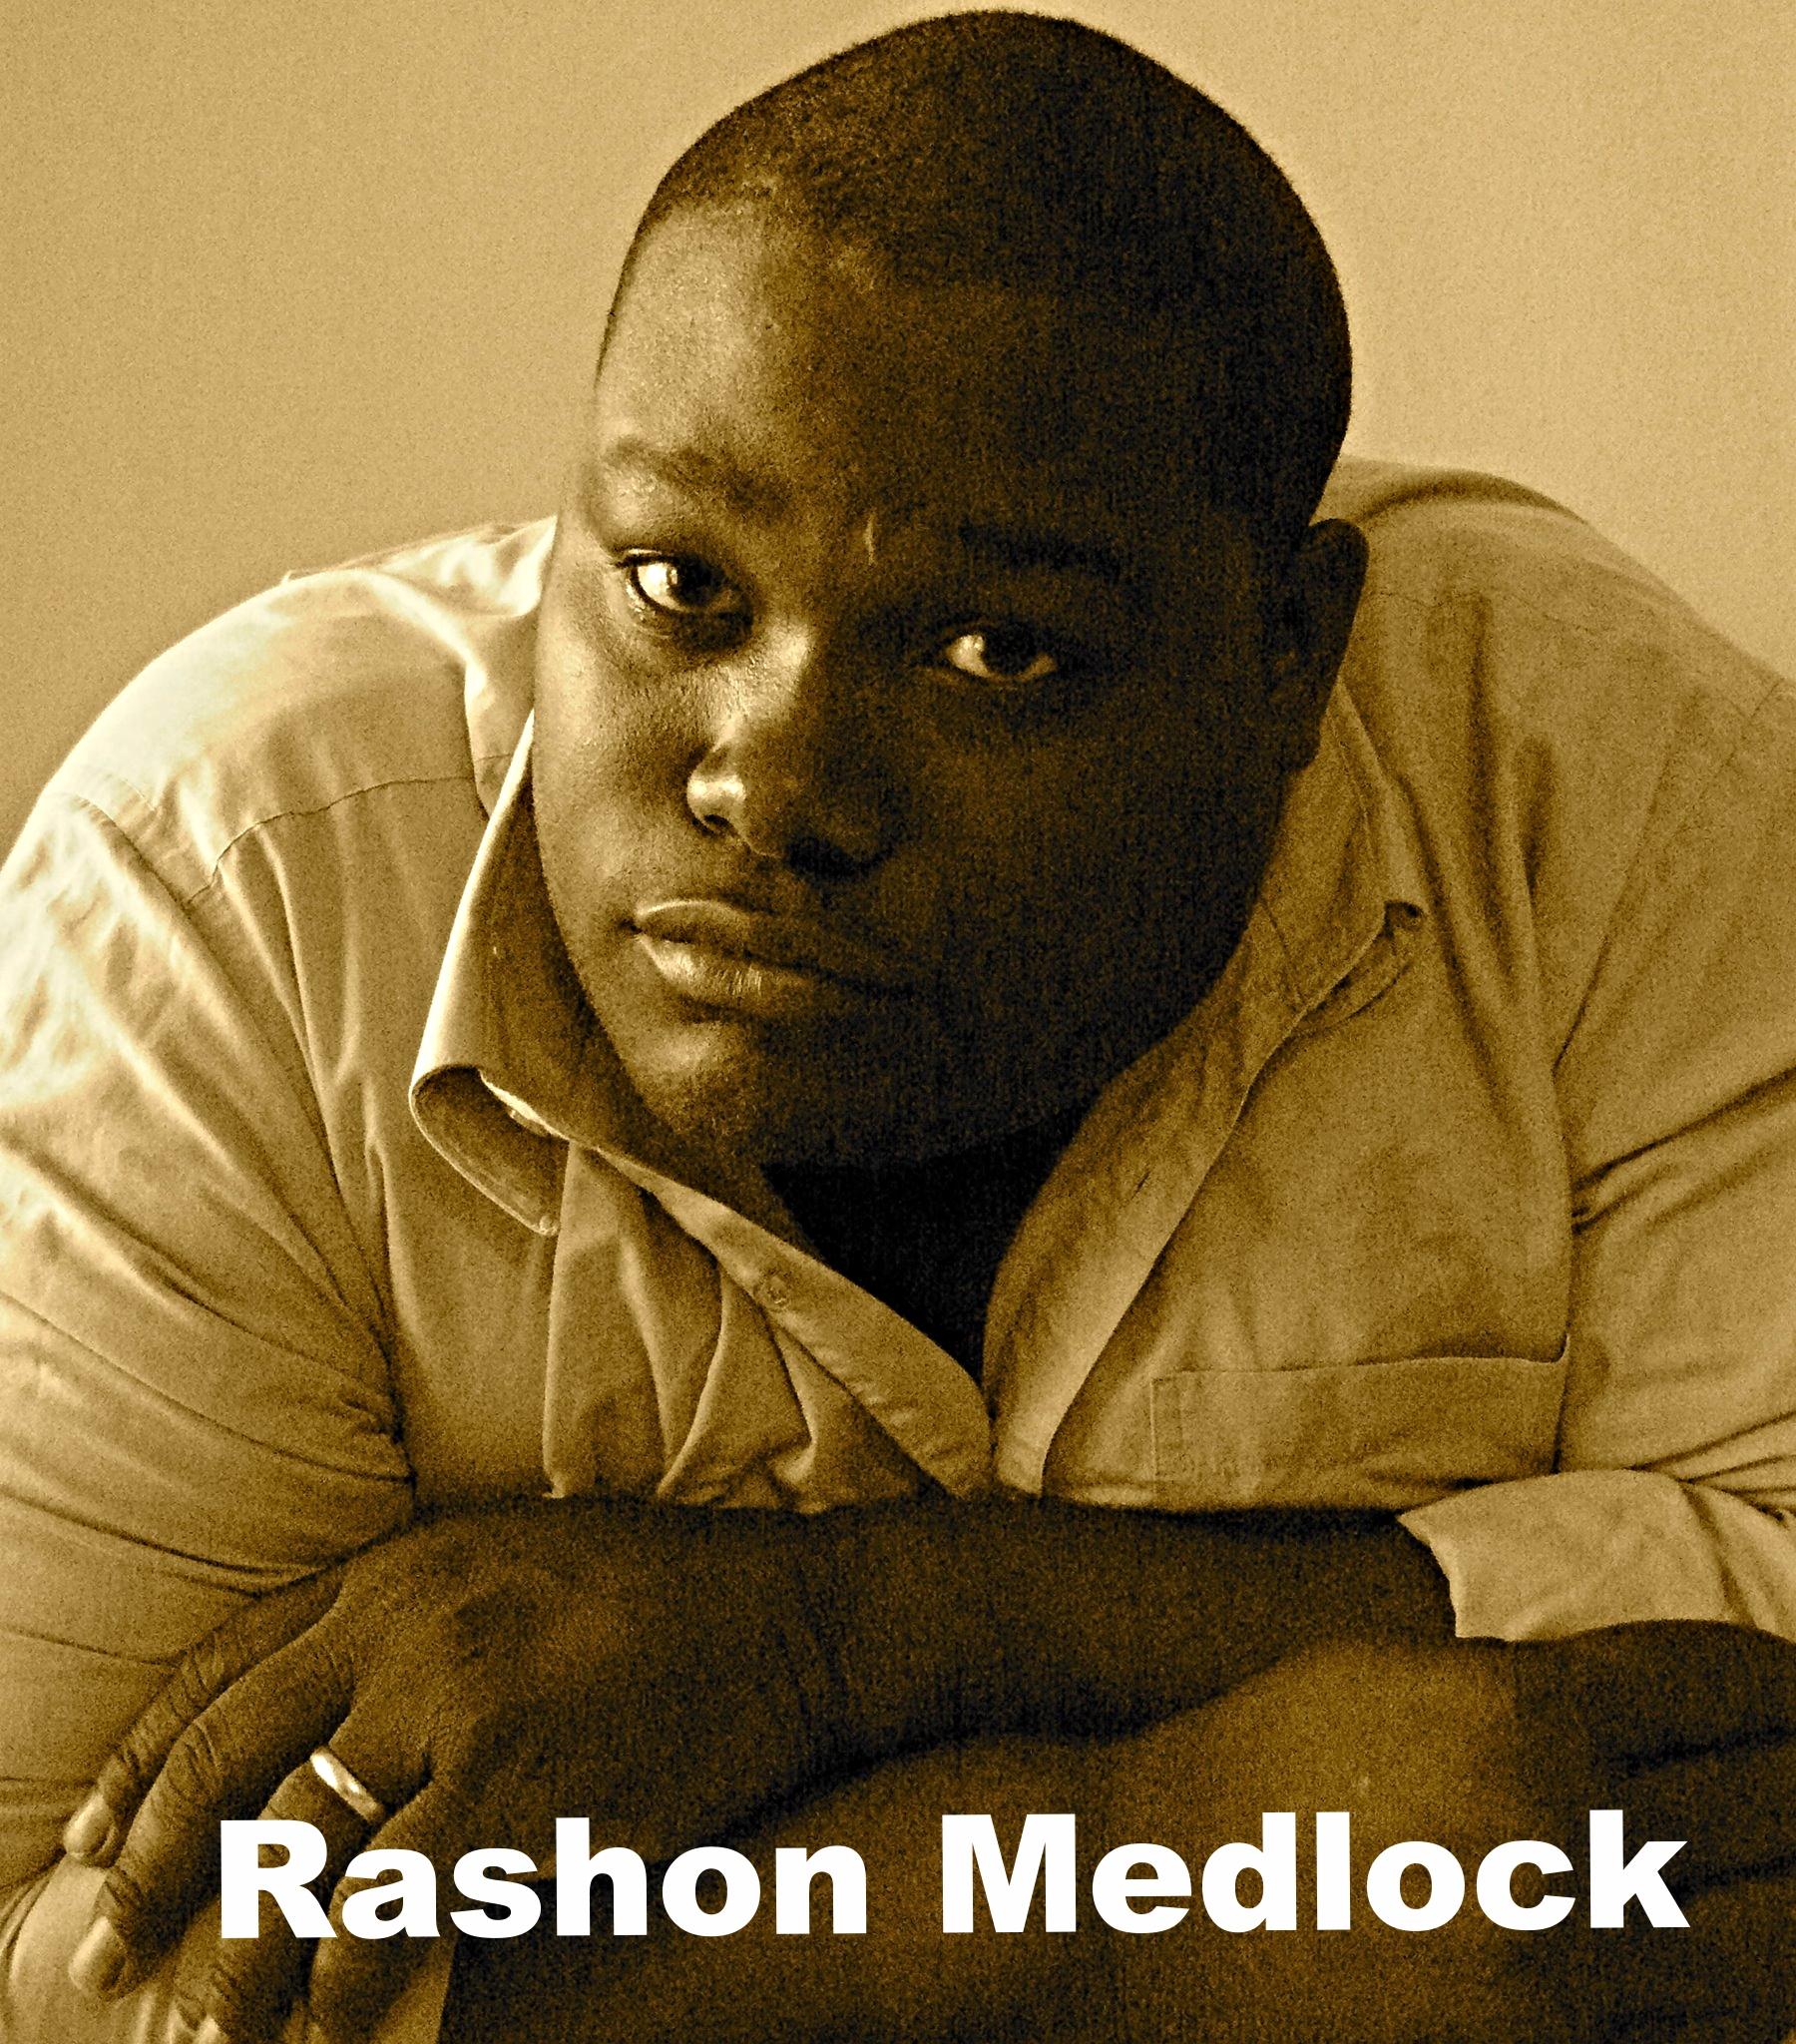 Rashon Medlock